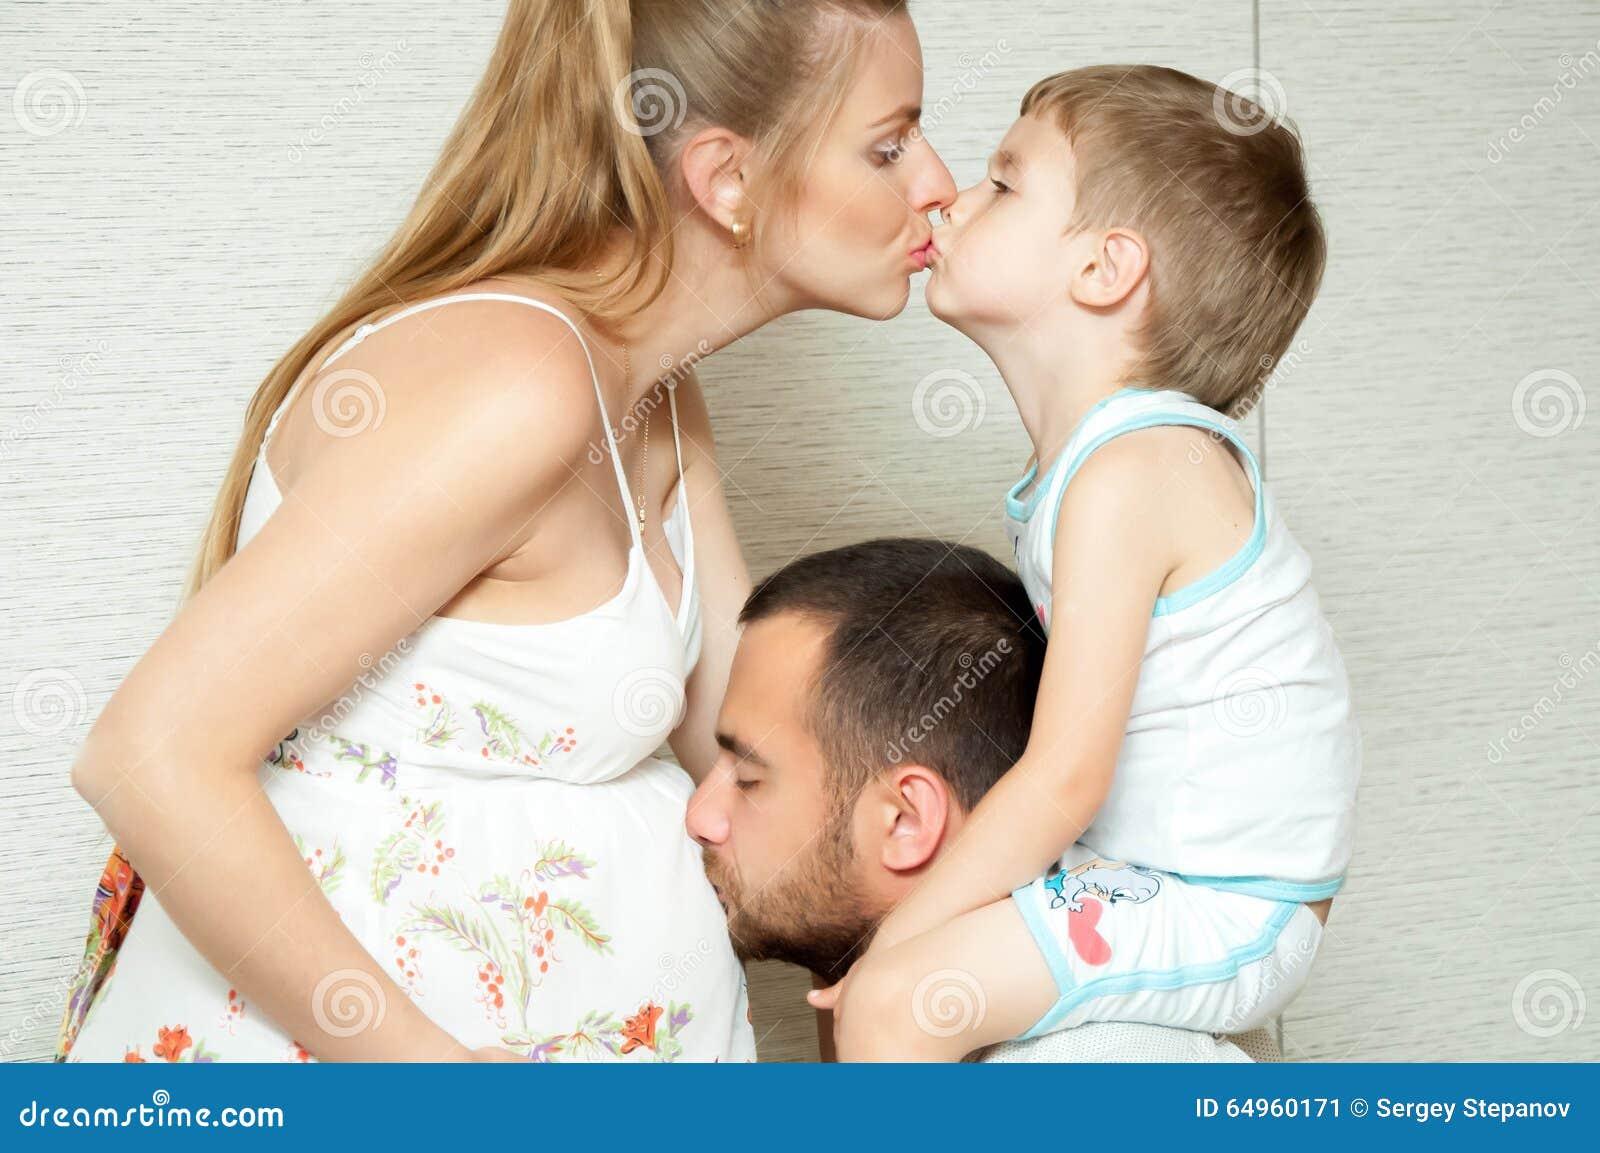 como explicar a mi hijo que es una relacion sexual